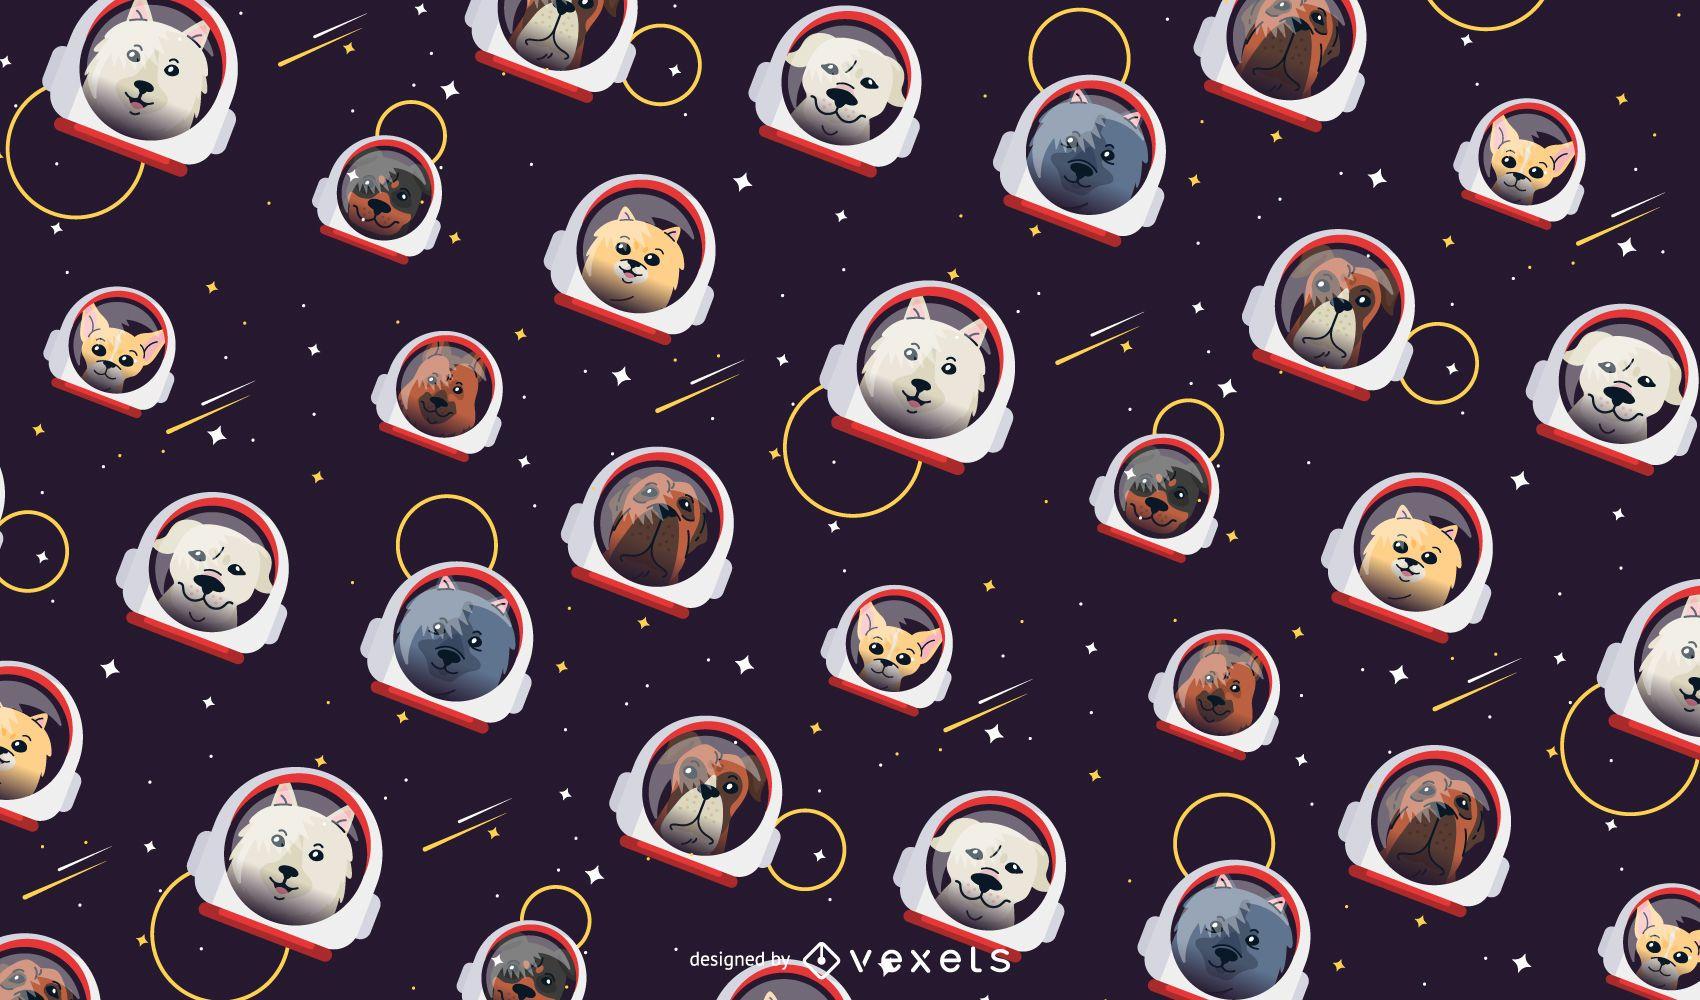 Diseño de patrón de perros espaciales